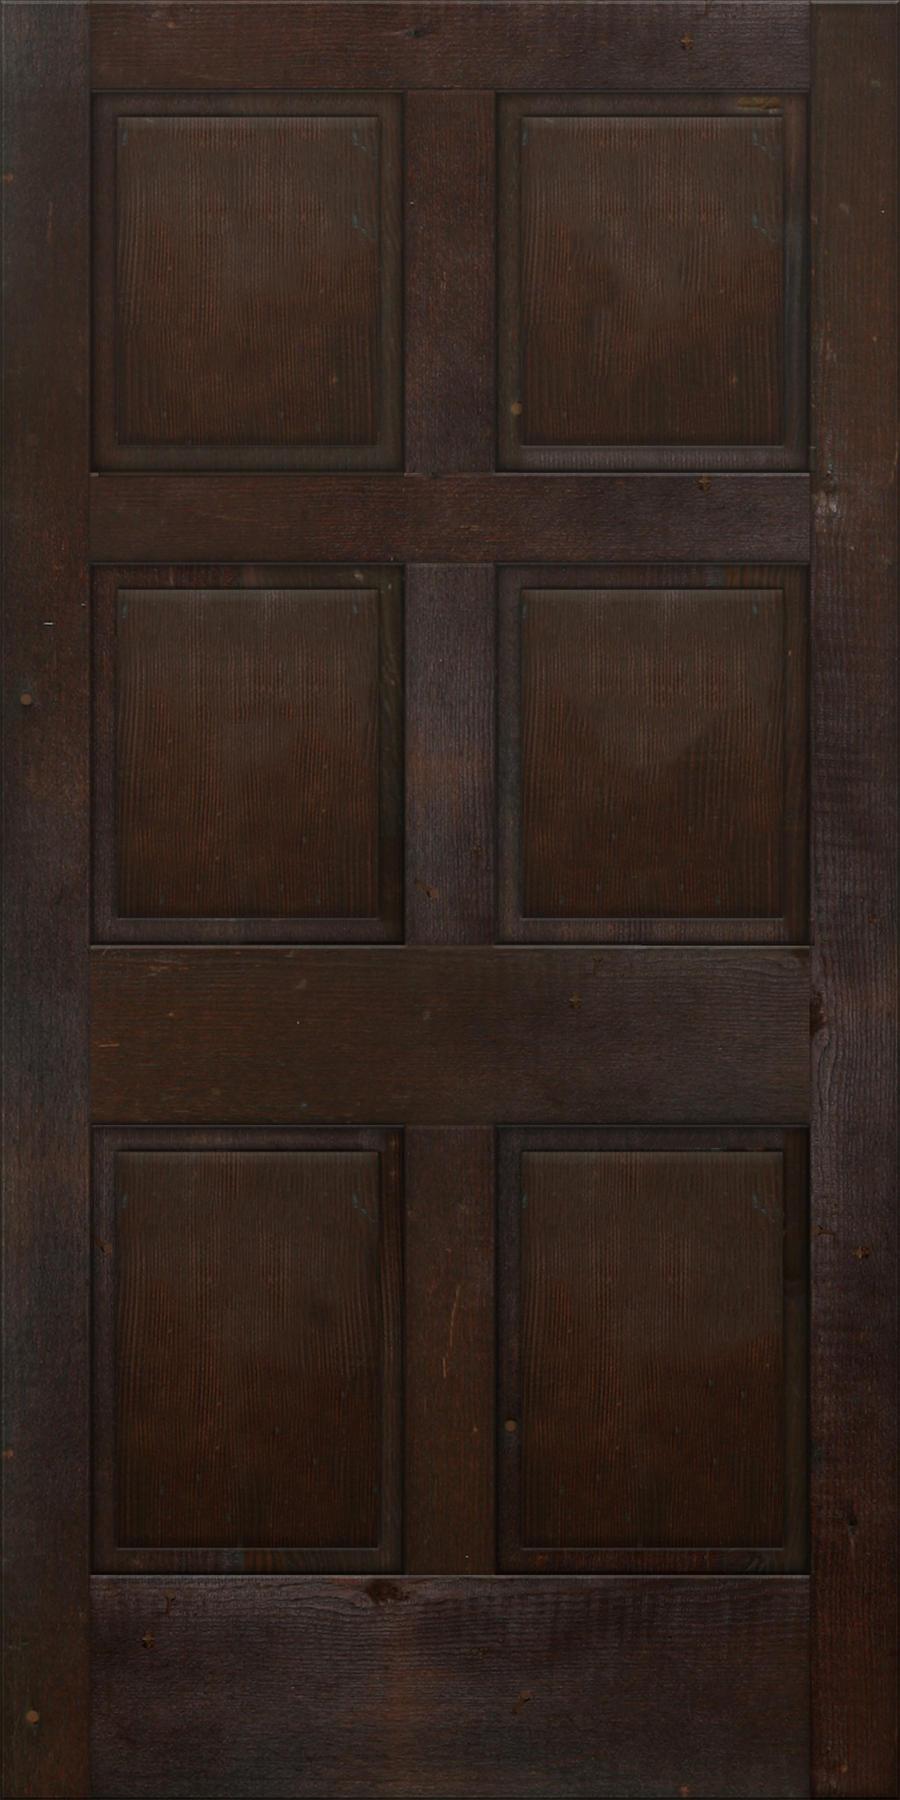 Door Wood Texture Seamless : ... textures wood 2011 2015 ancientorange wooden door texture since it is